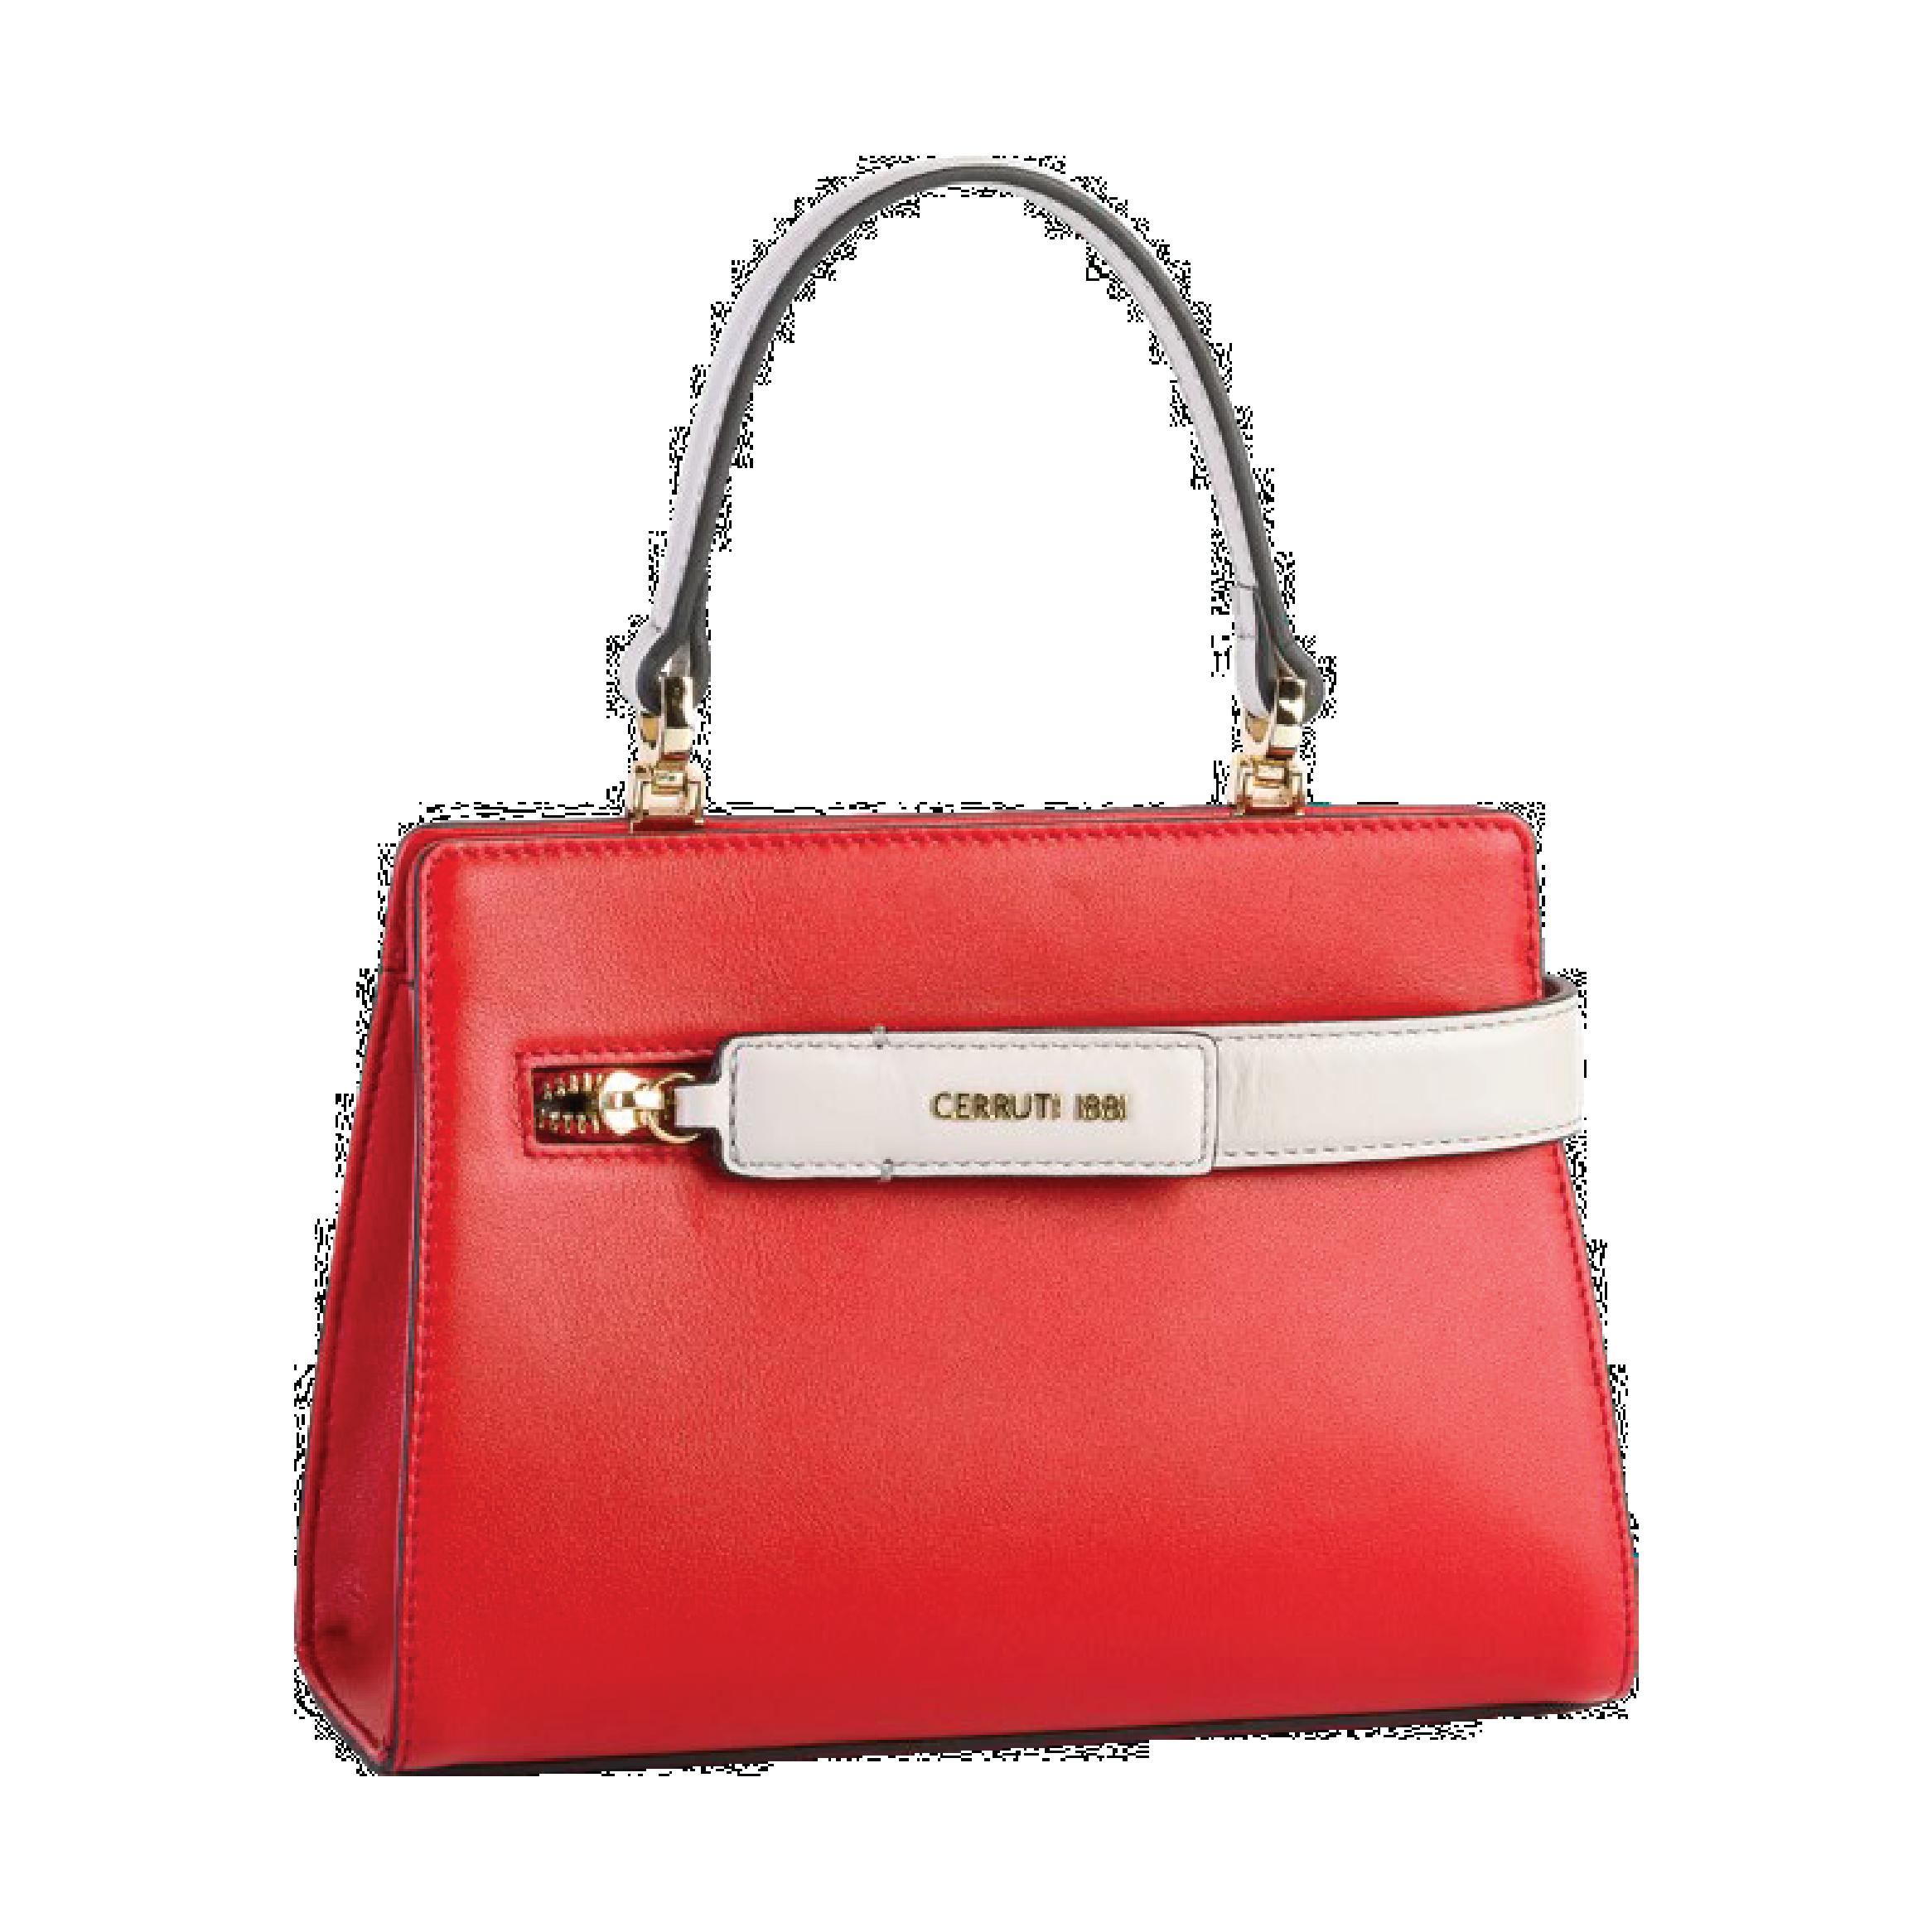 Cerruti Woman Bag Red